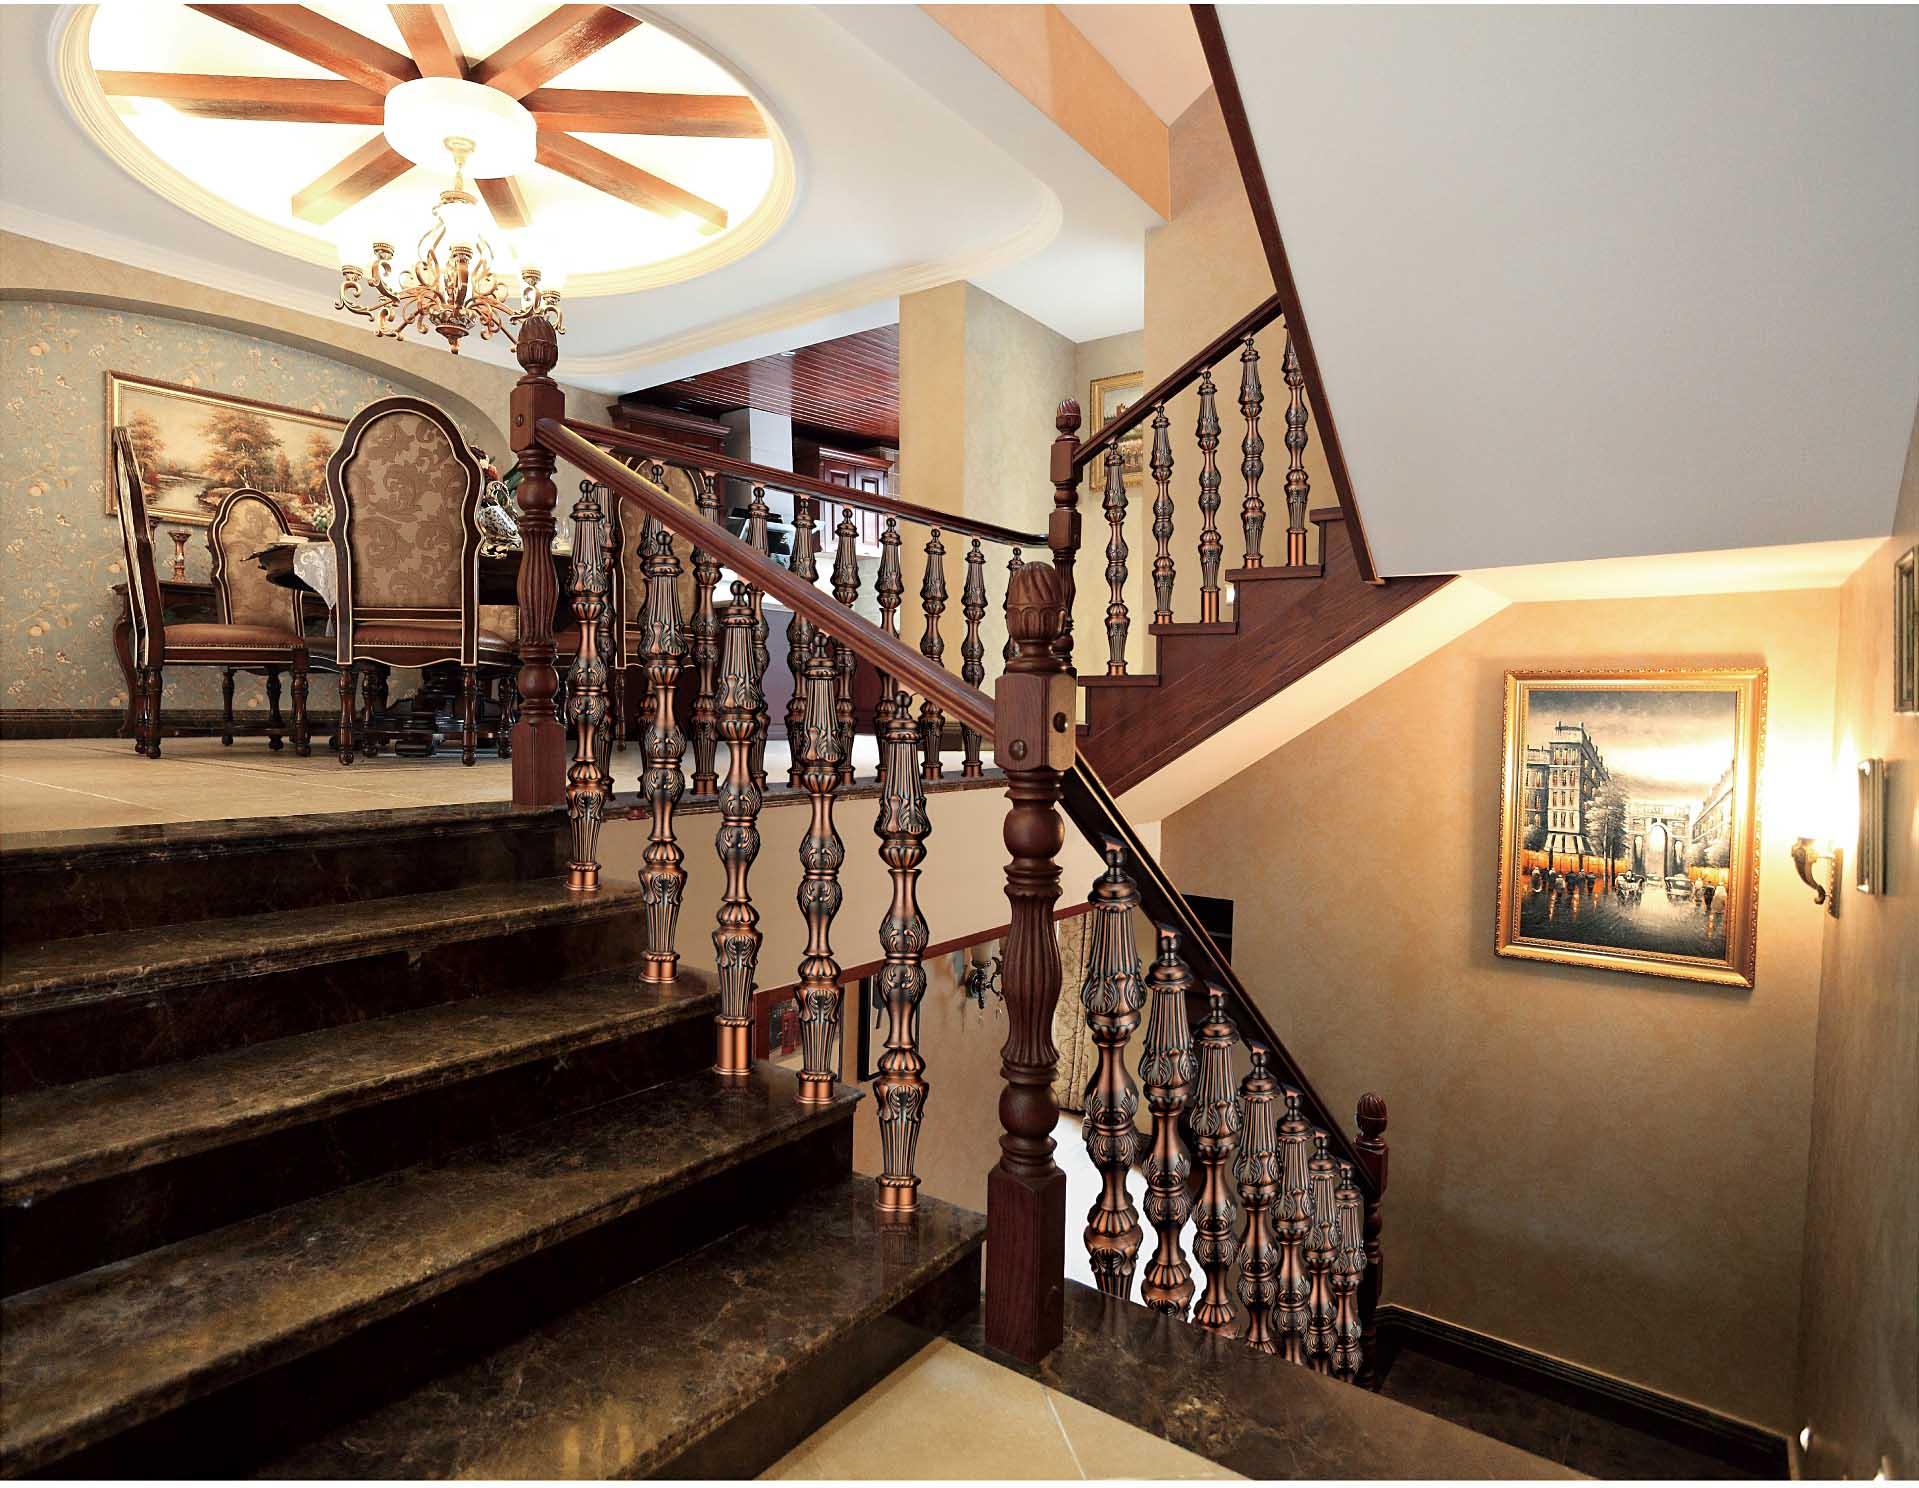 FLA021西城丽苑/楼梯护栏/金属楼梯/复式豪宅楼梯护栏